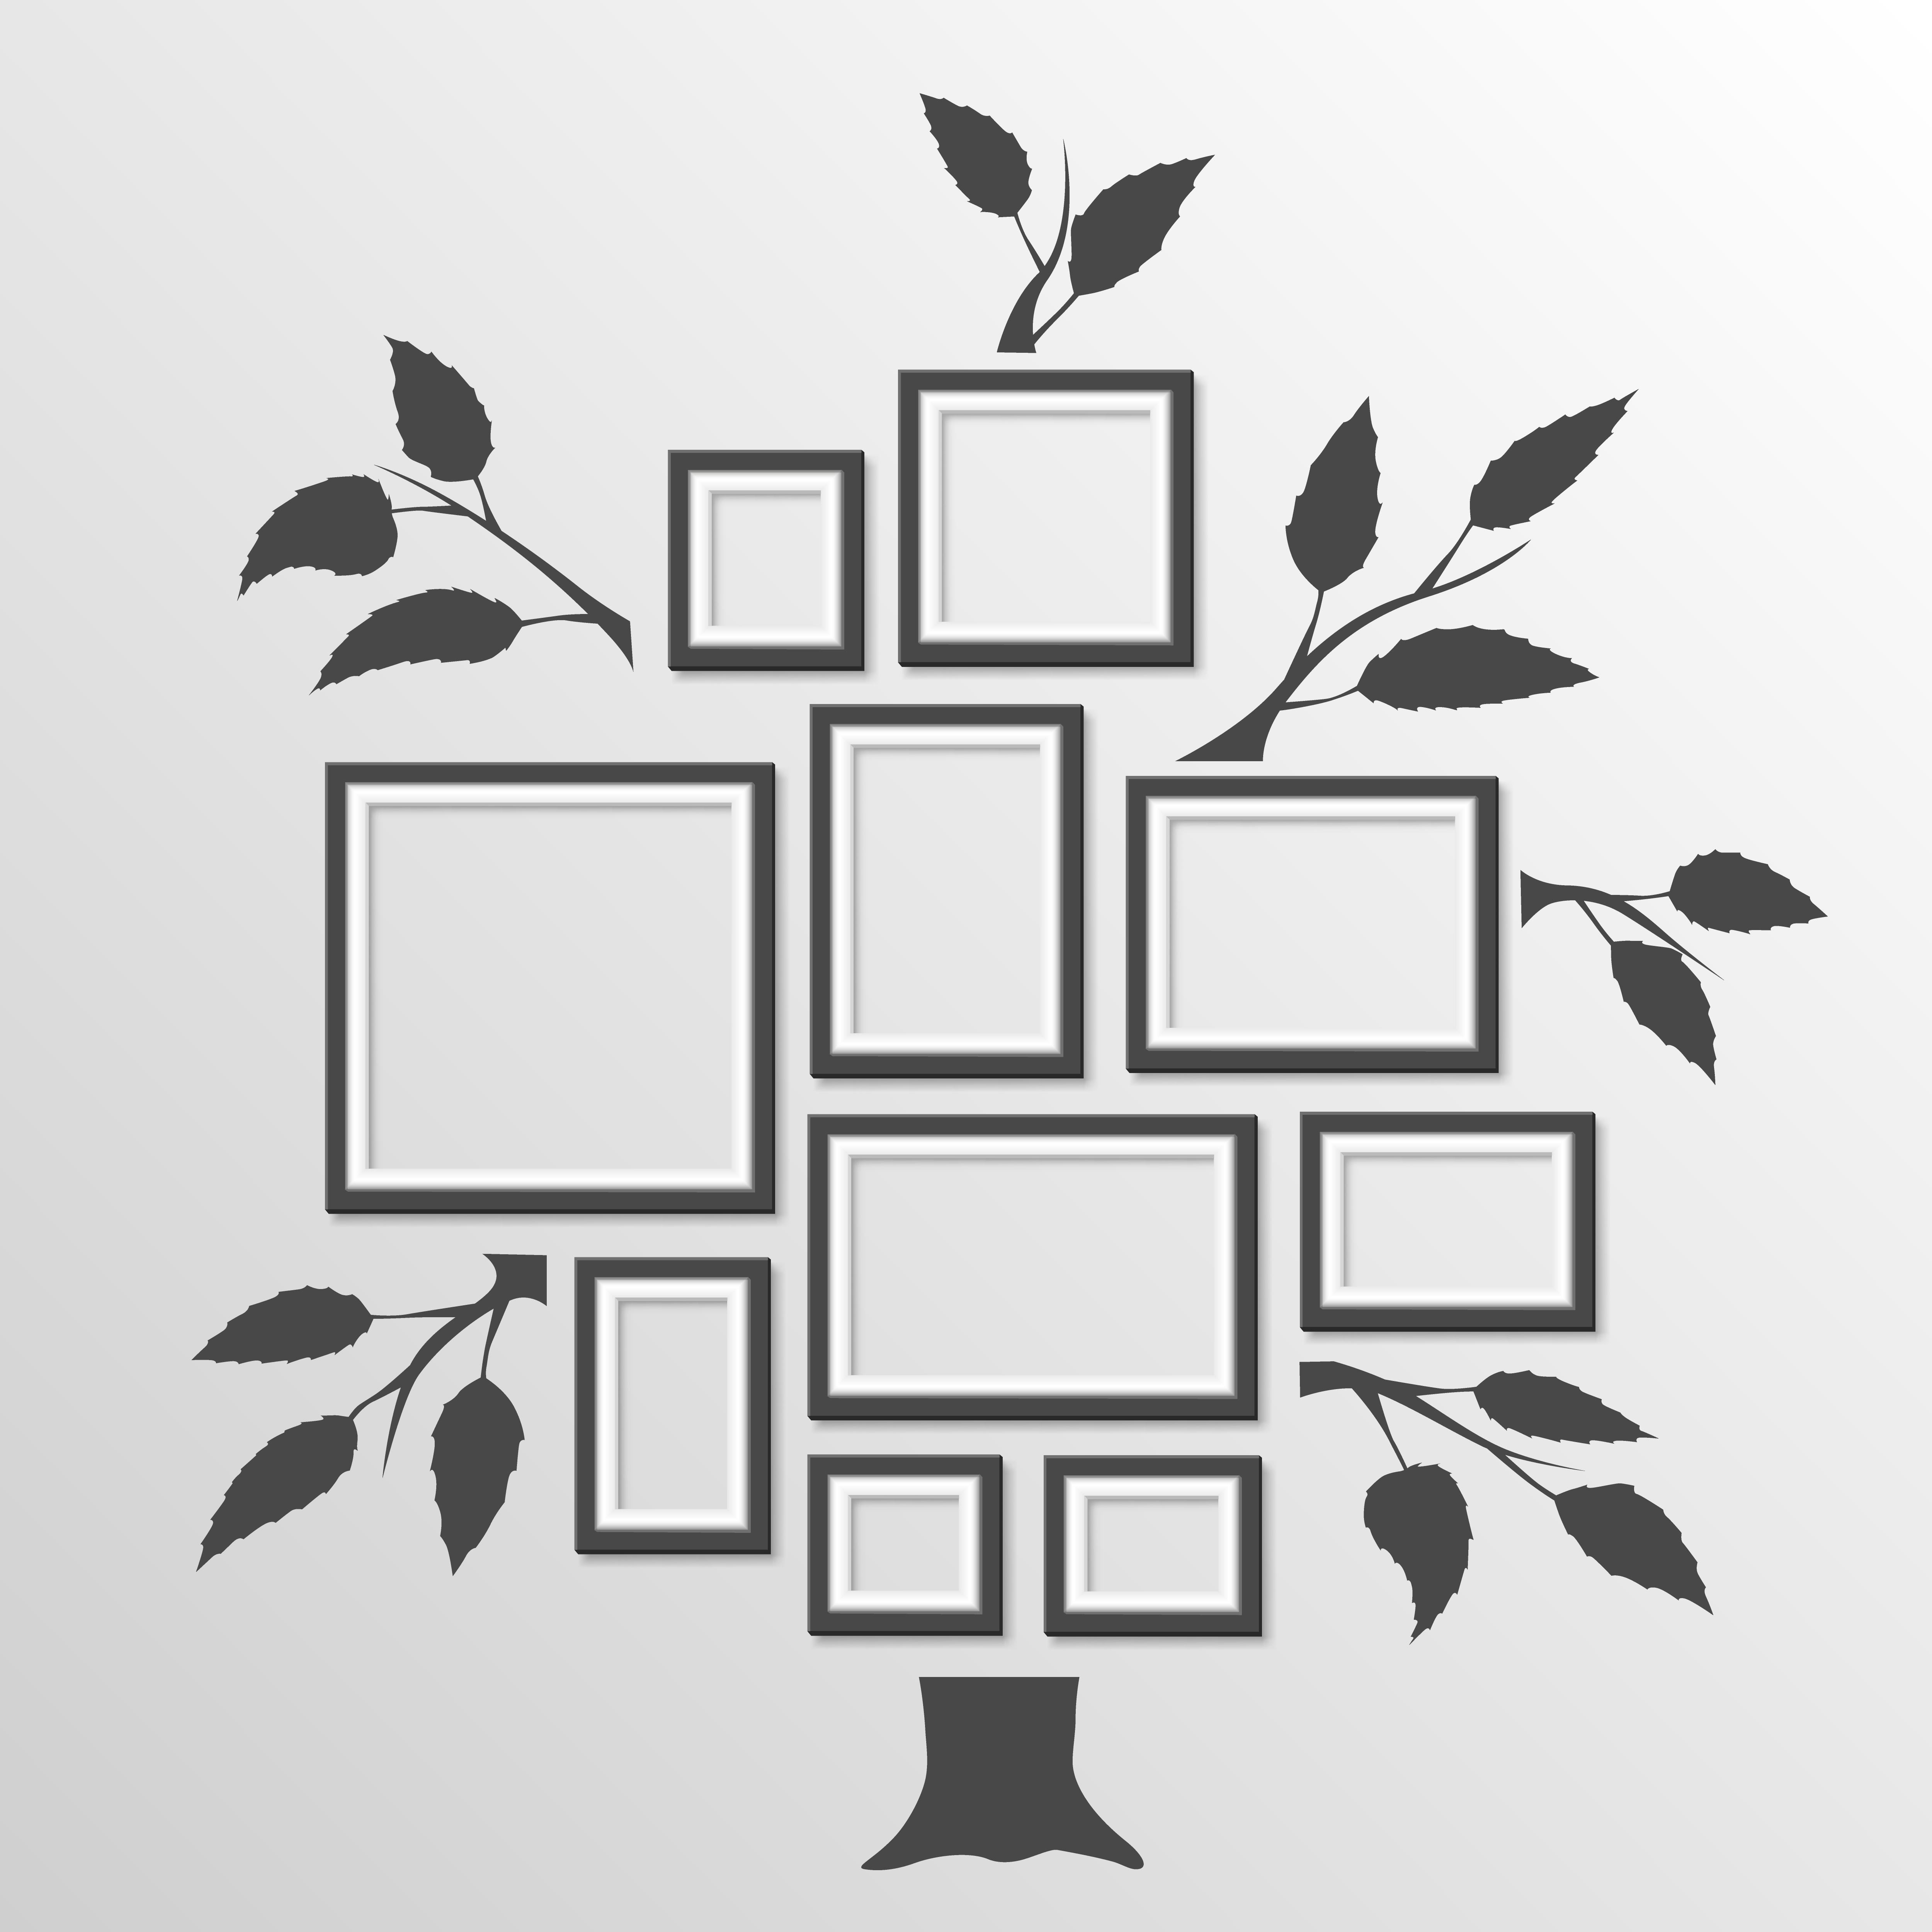 фоторамка семейное древо